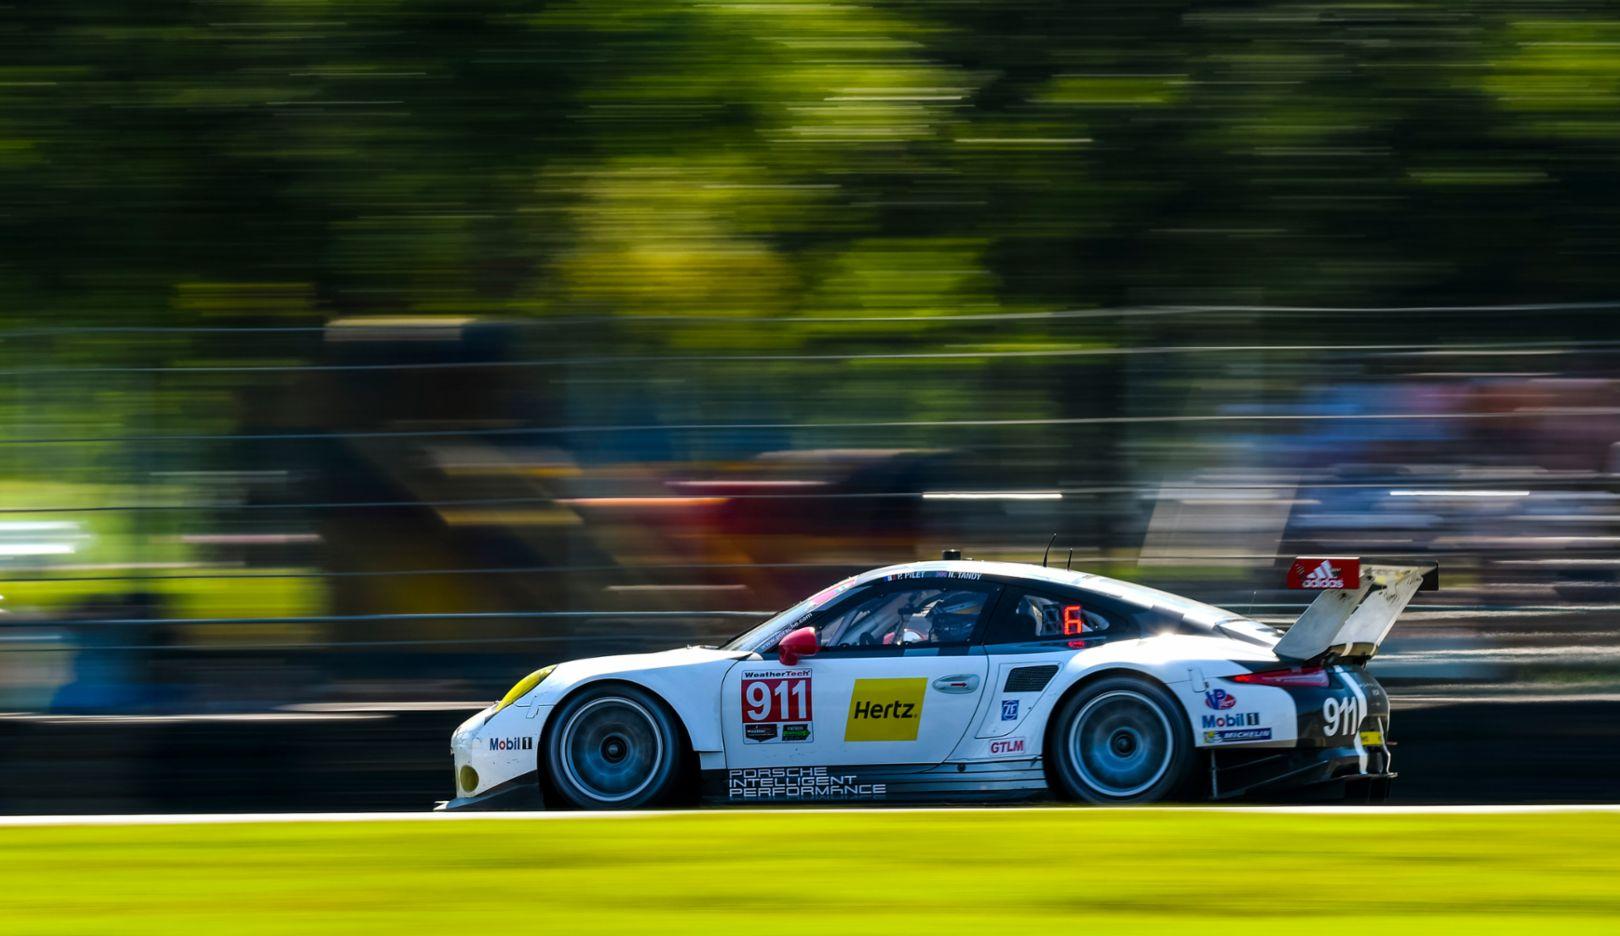 Porsche 911 RSR, IMSA, Virginia International Raceway, Alton, 2016, Porsche AG